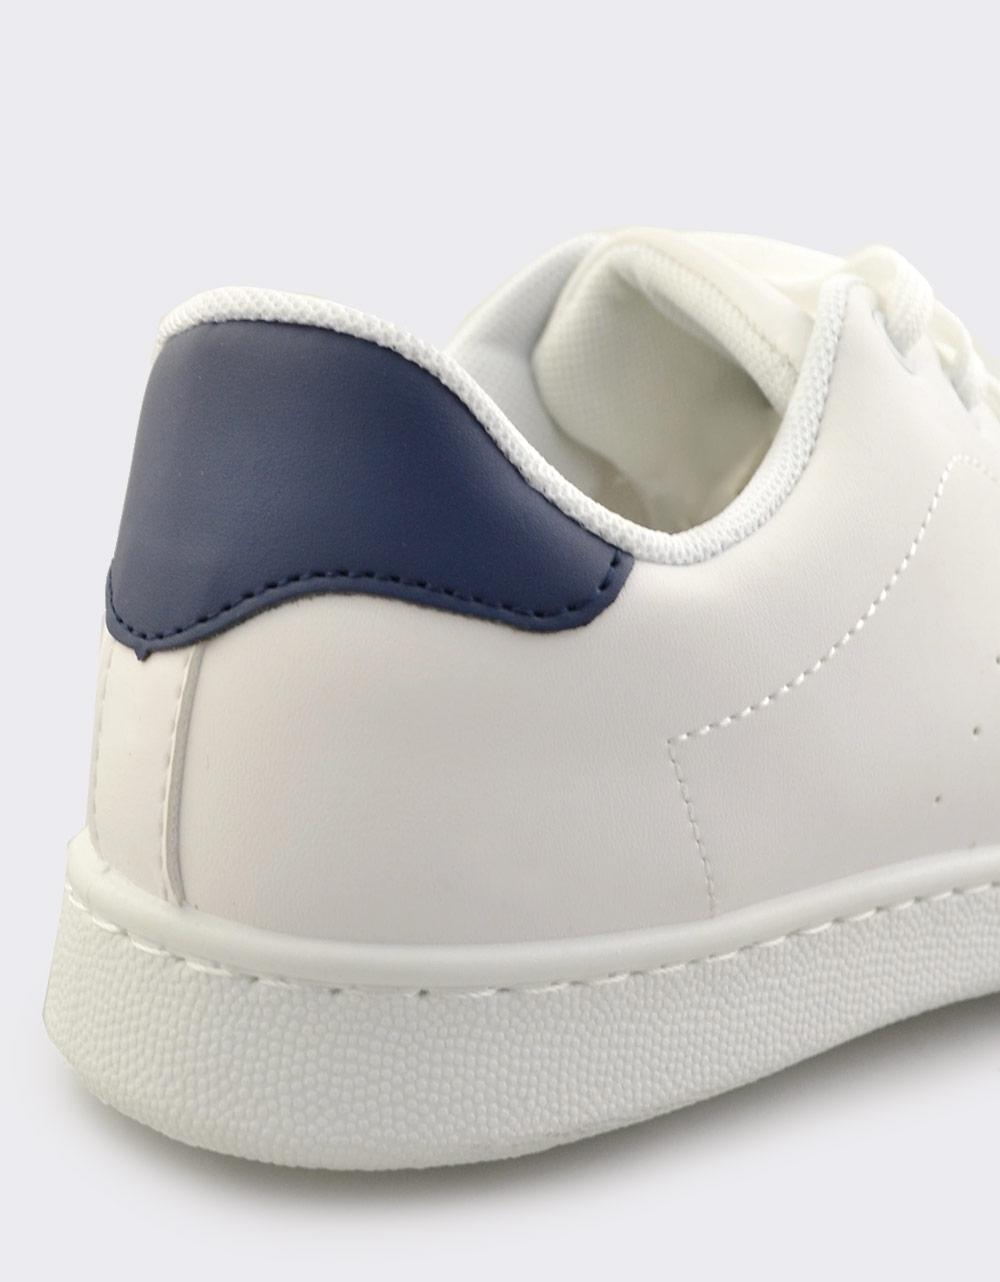 Εικόνα από Ανδρικά sneakers μονόχρωμα Λευκό/Μπλε